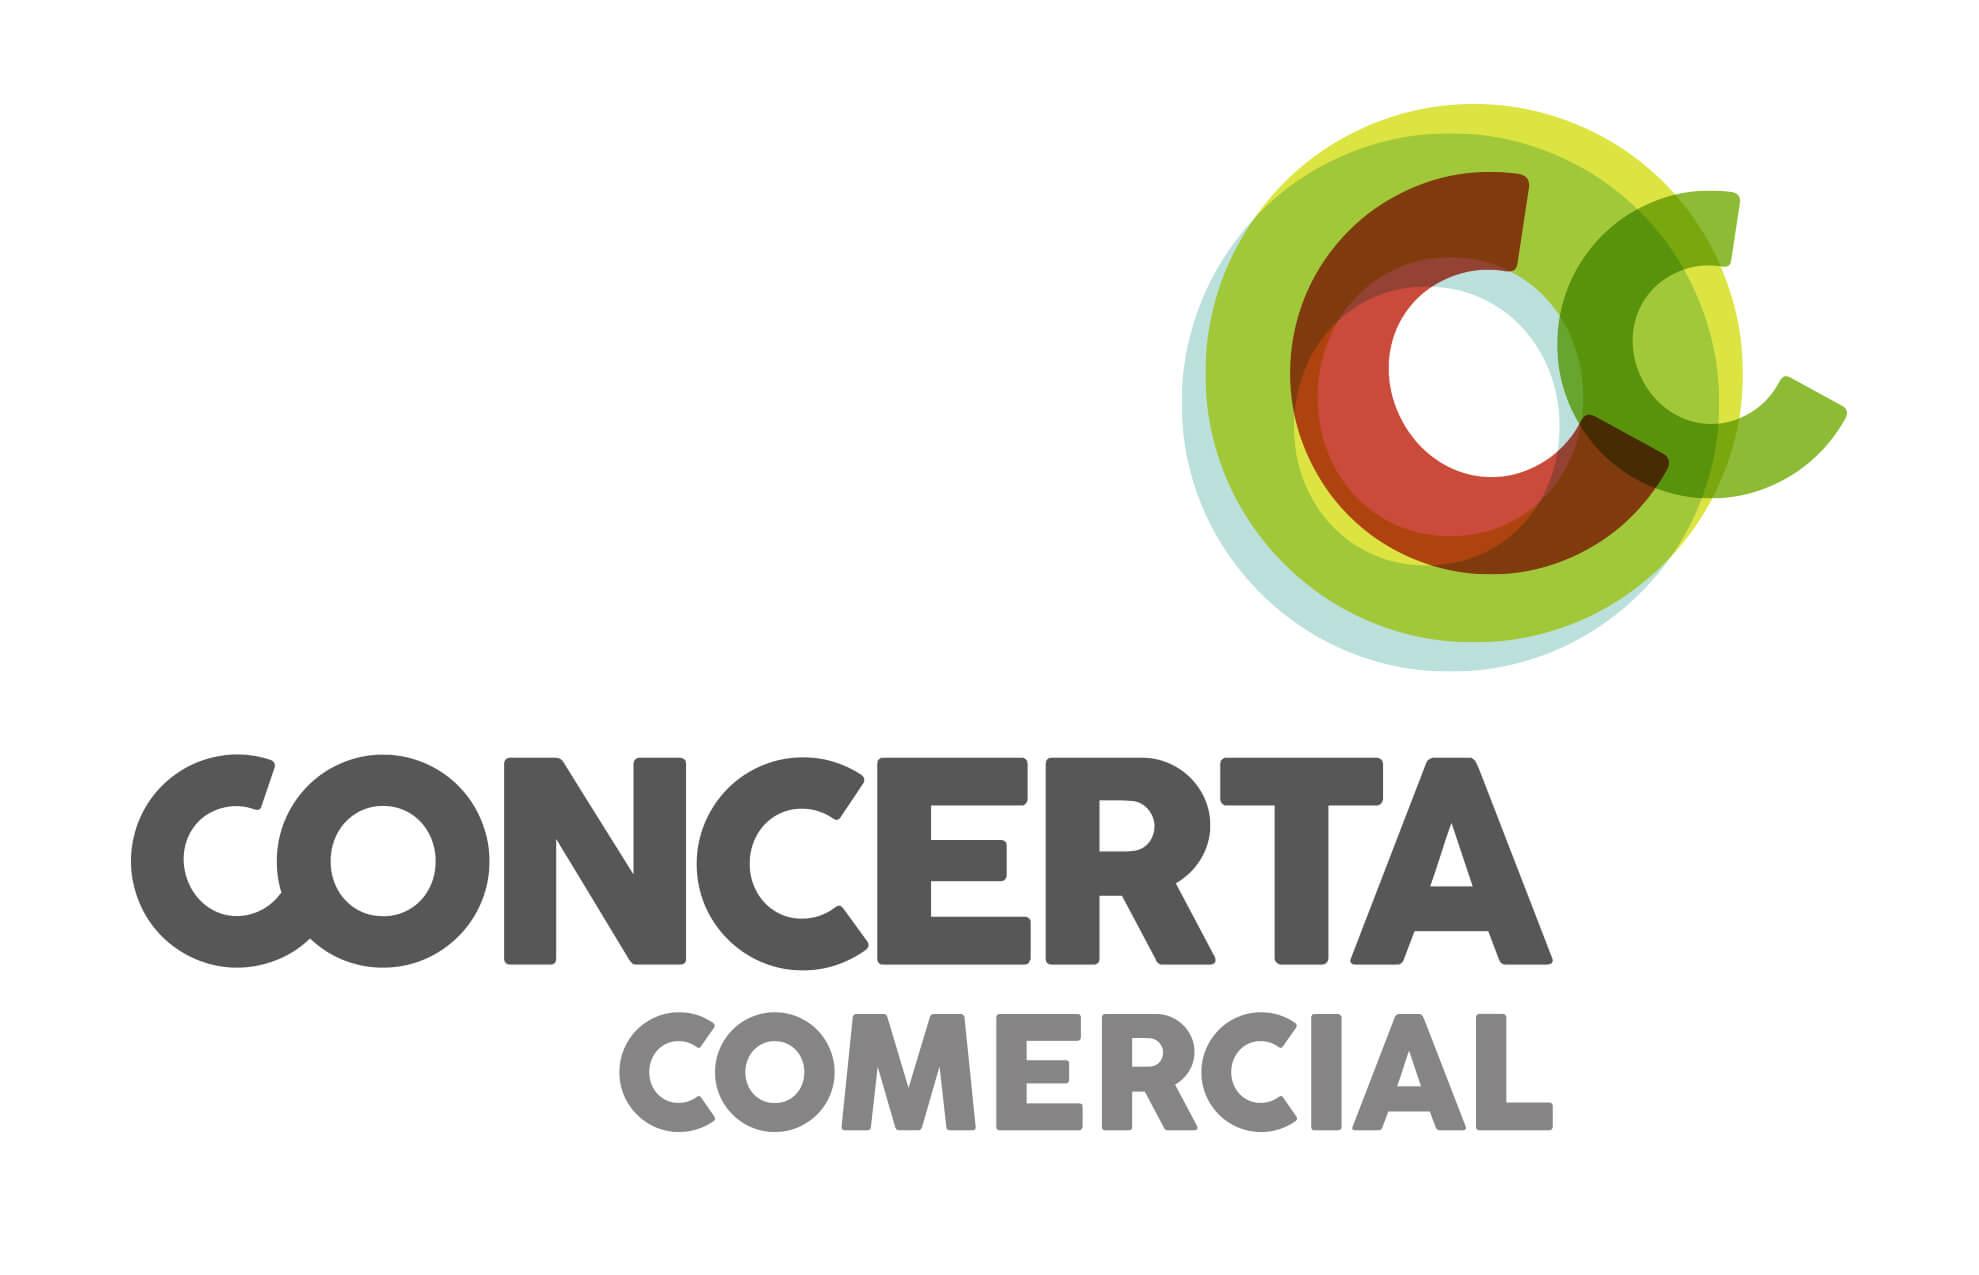 Concerta comercial branding design1 - Branding. Identidad Corporativa. Servicios